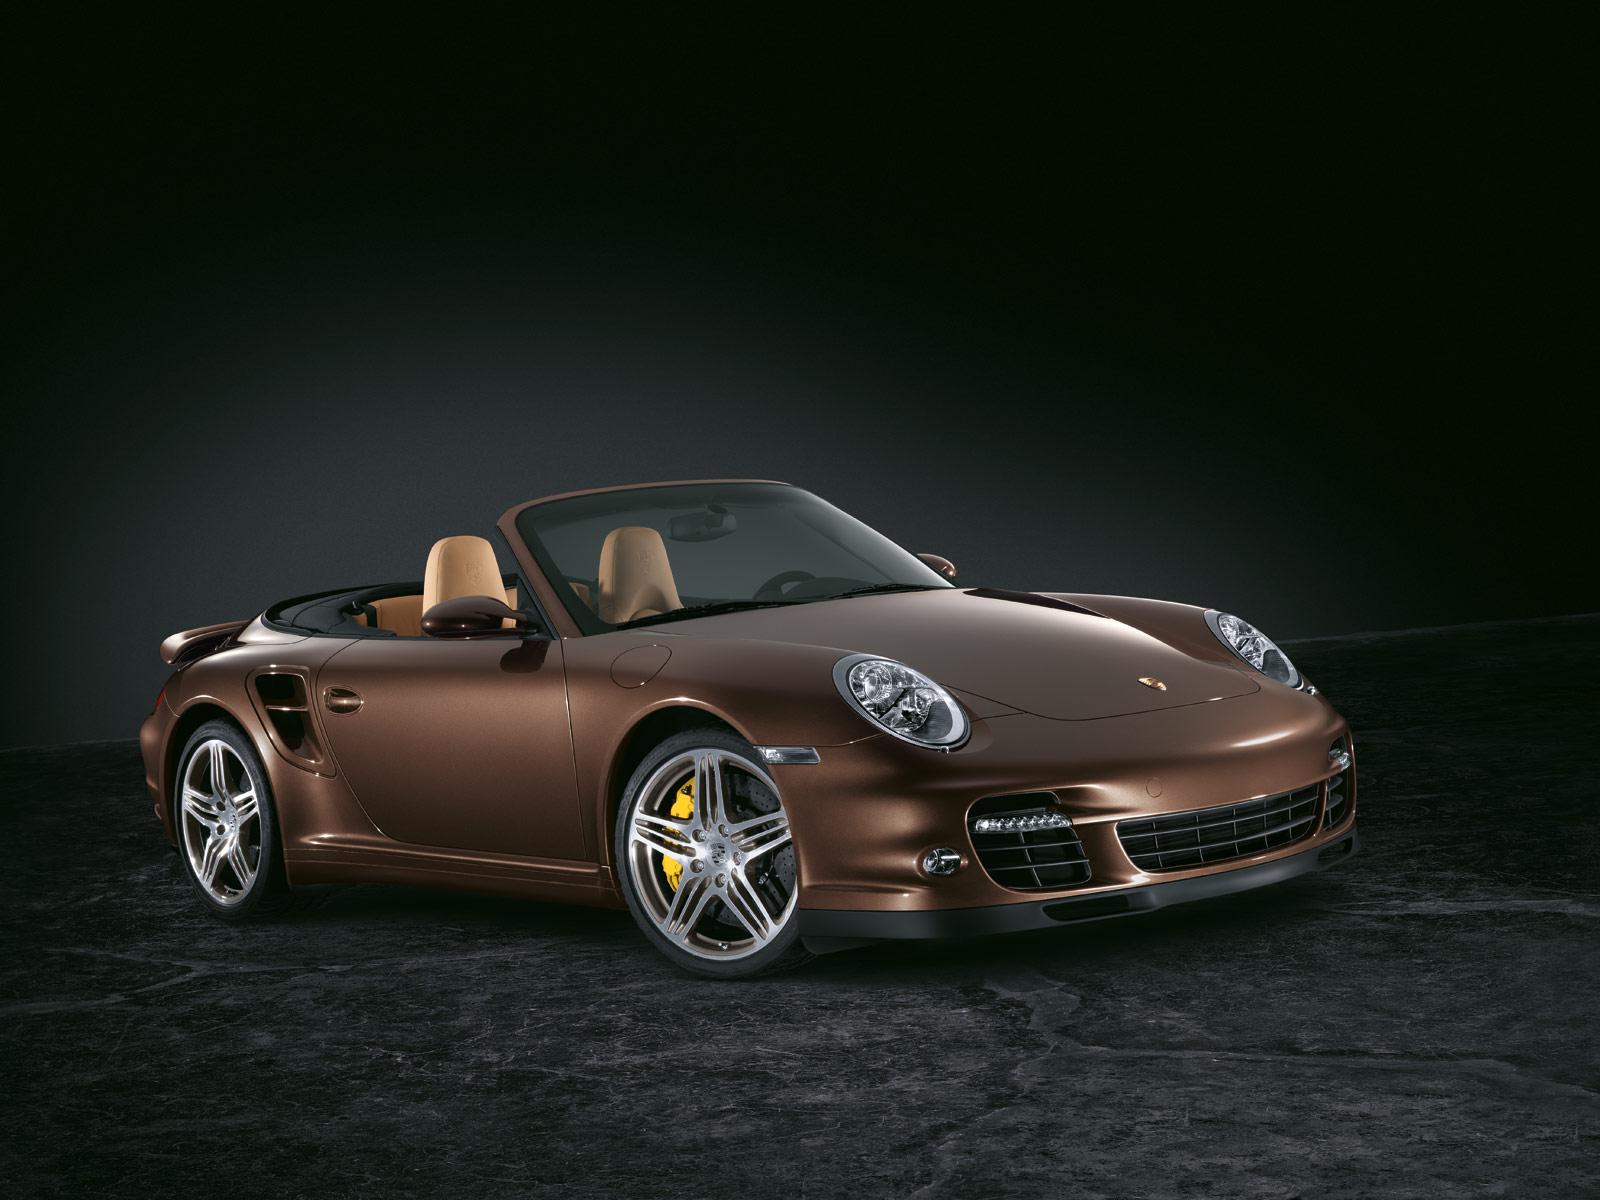 porsche 911 turbo cabriolet 997 2007 2008 2009. Black Bedroom Furniture Sets. Home Design Ideas